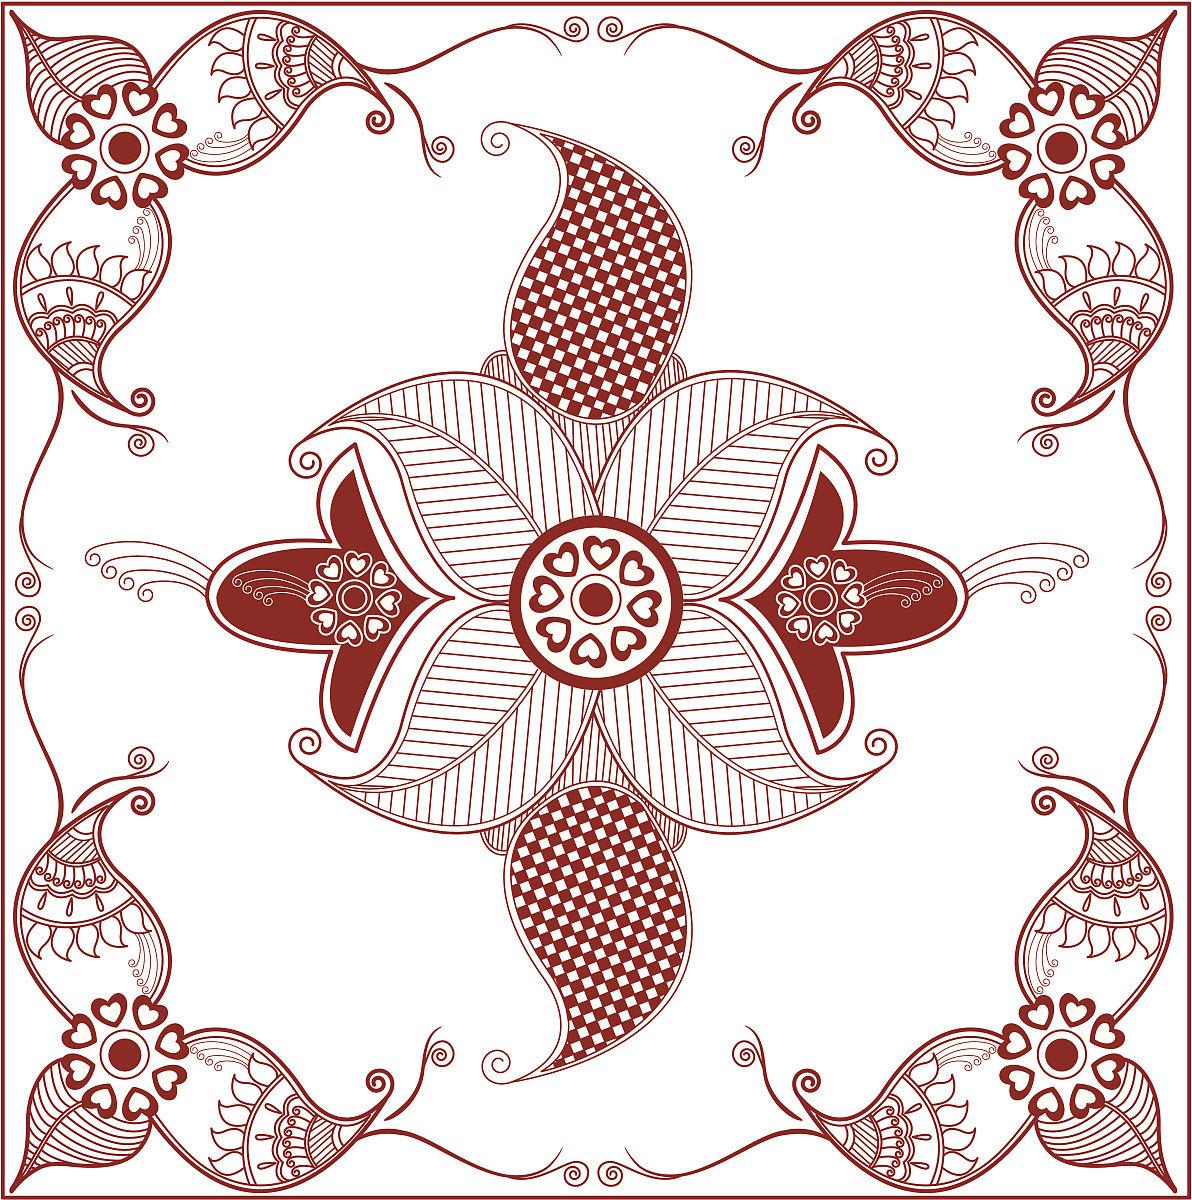 传统,线条,马勒,散沫花染人体彩绘,计划书,纹身,仅一朵花,文化,军乐图图片